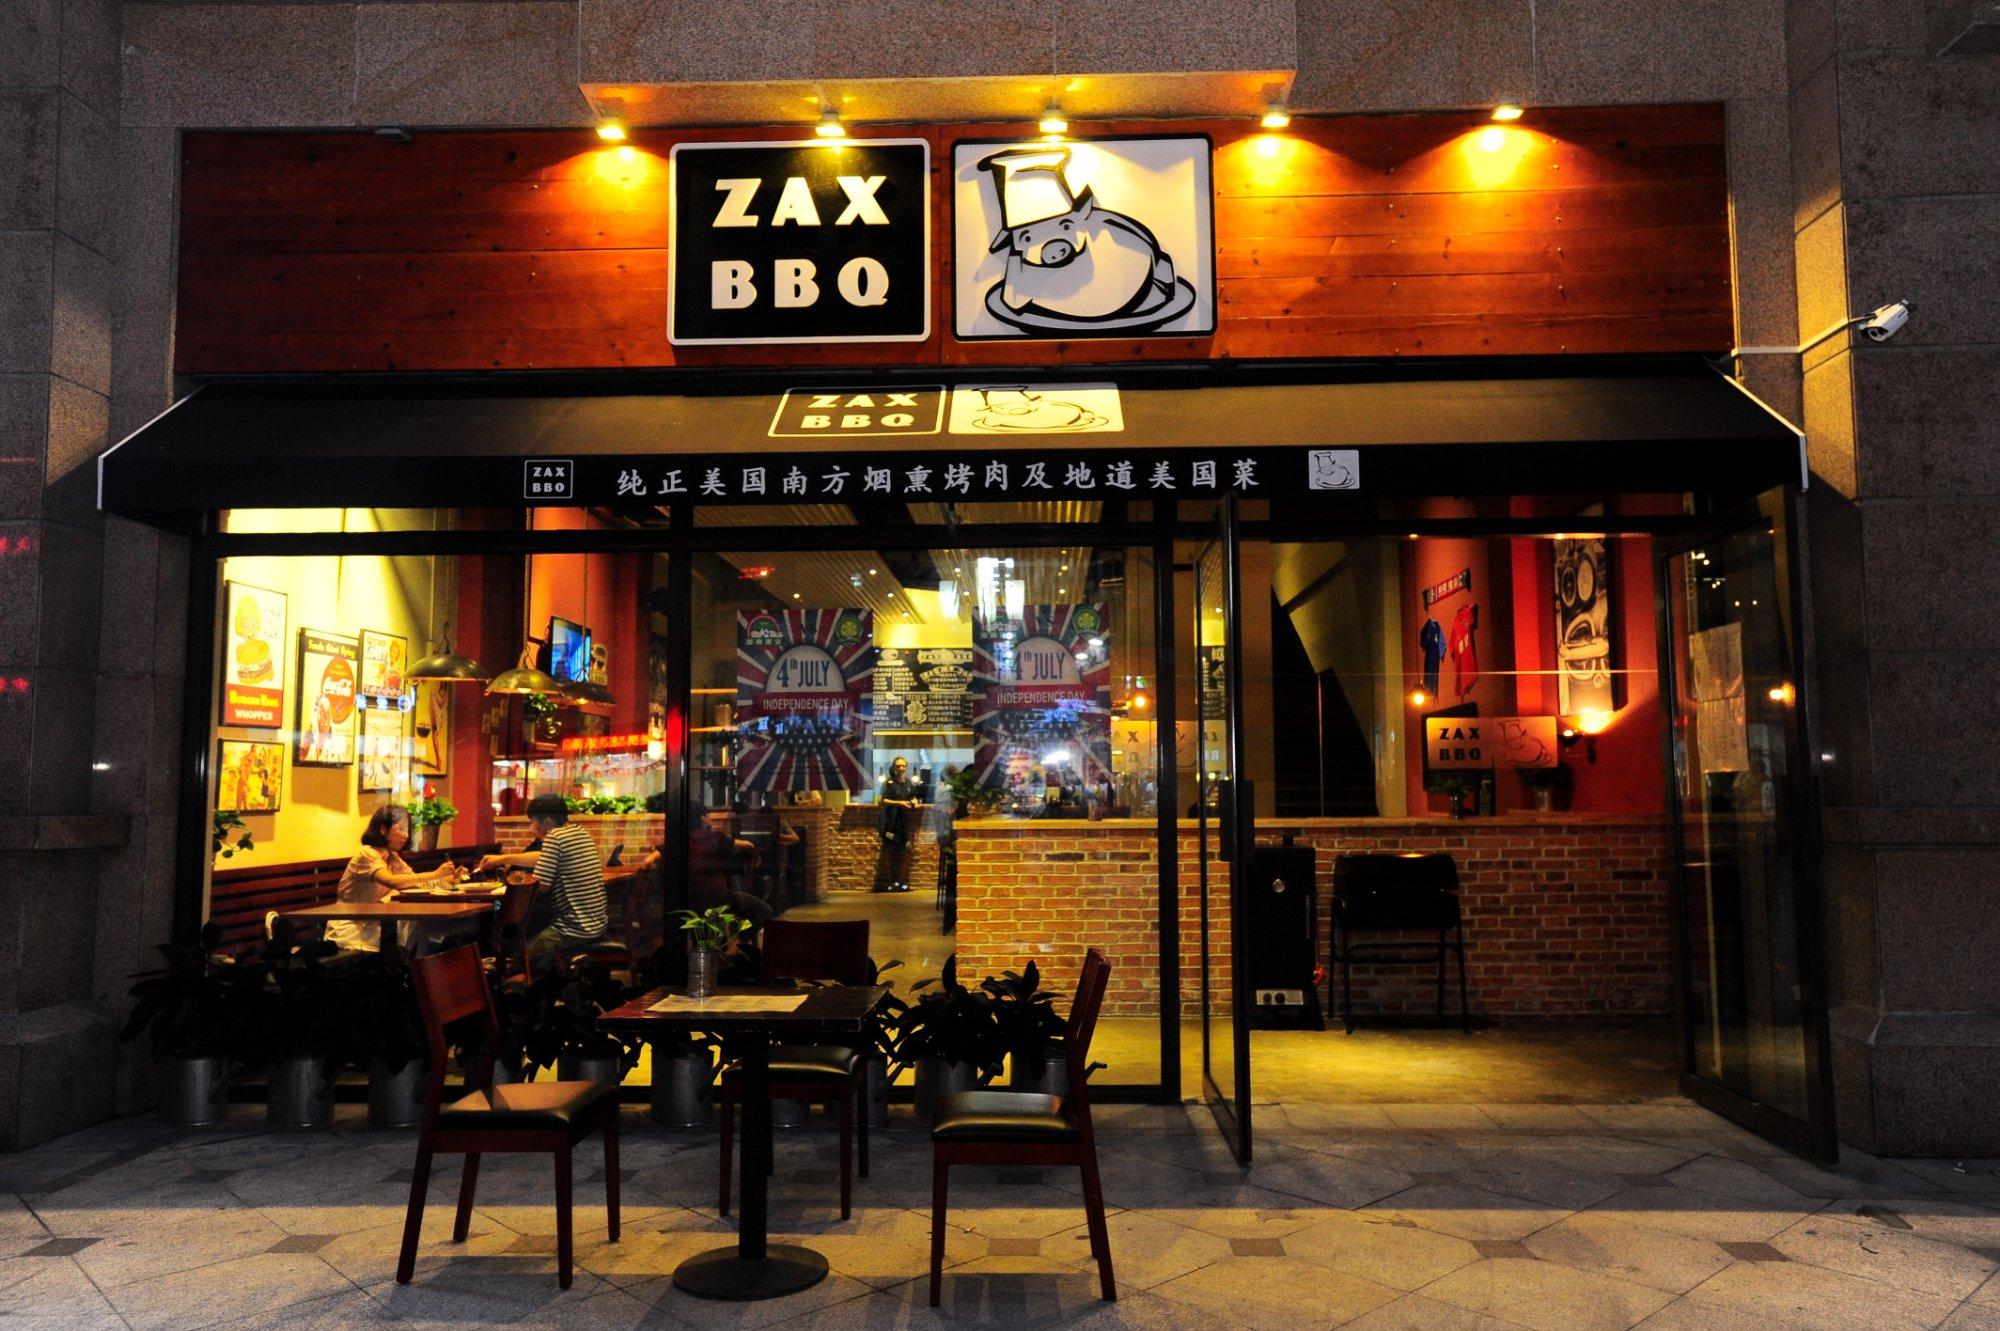 Things To Do in Xinjiang, Restaurants in Xinjiang